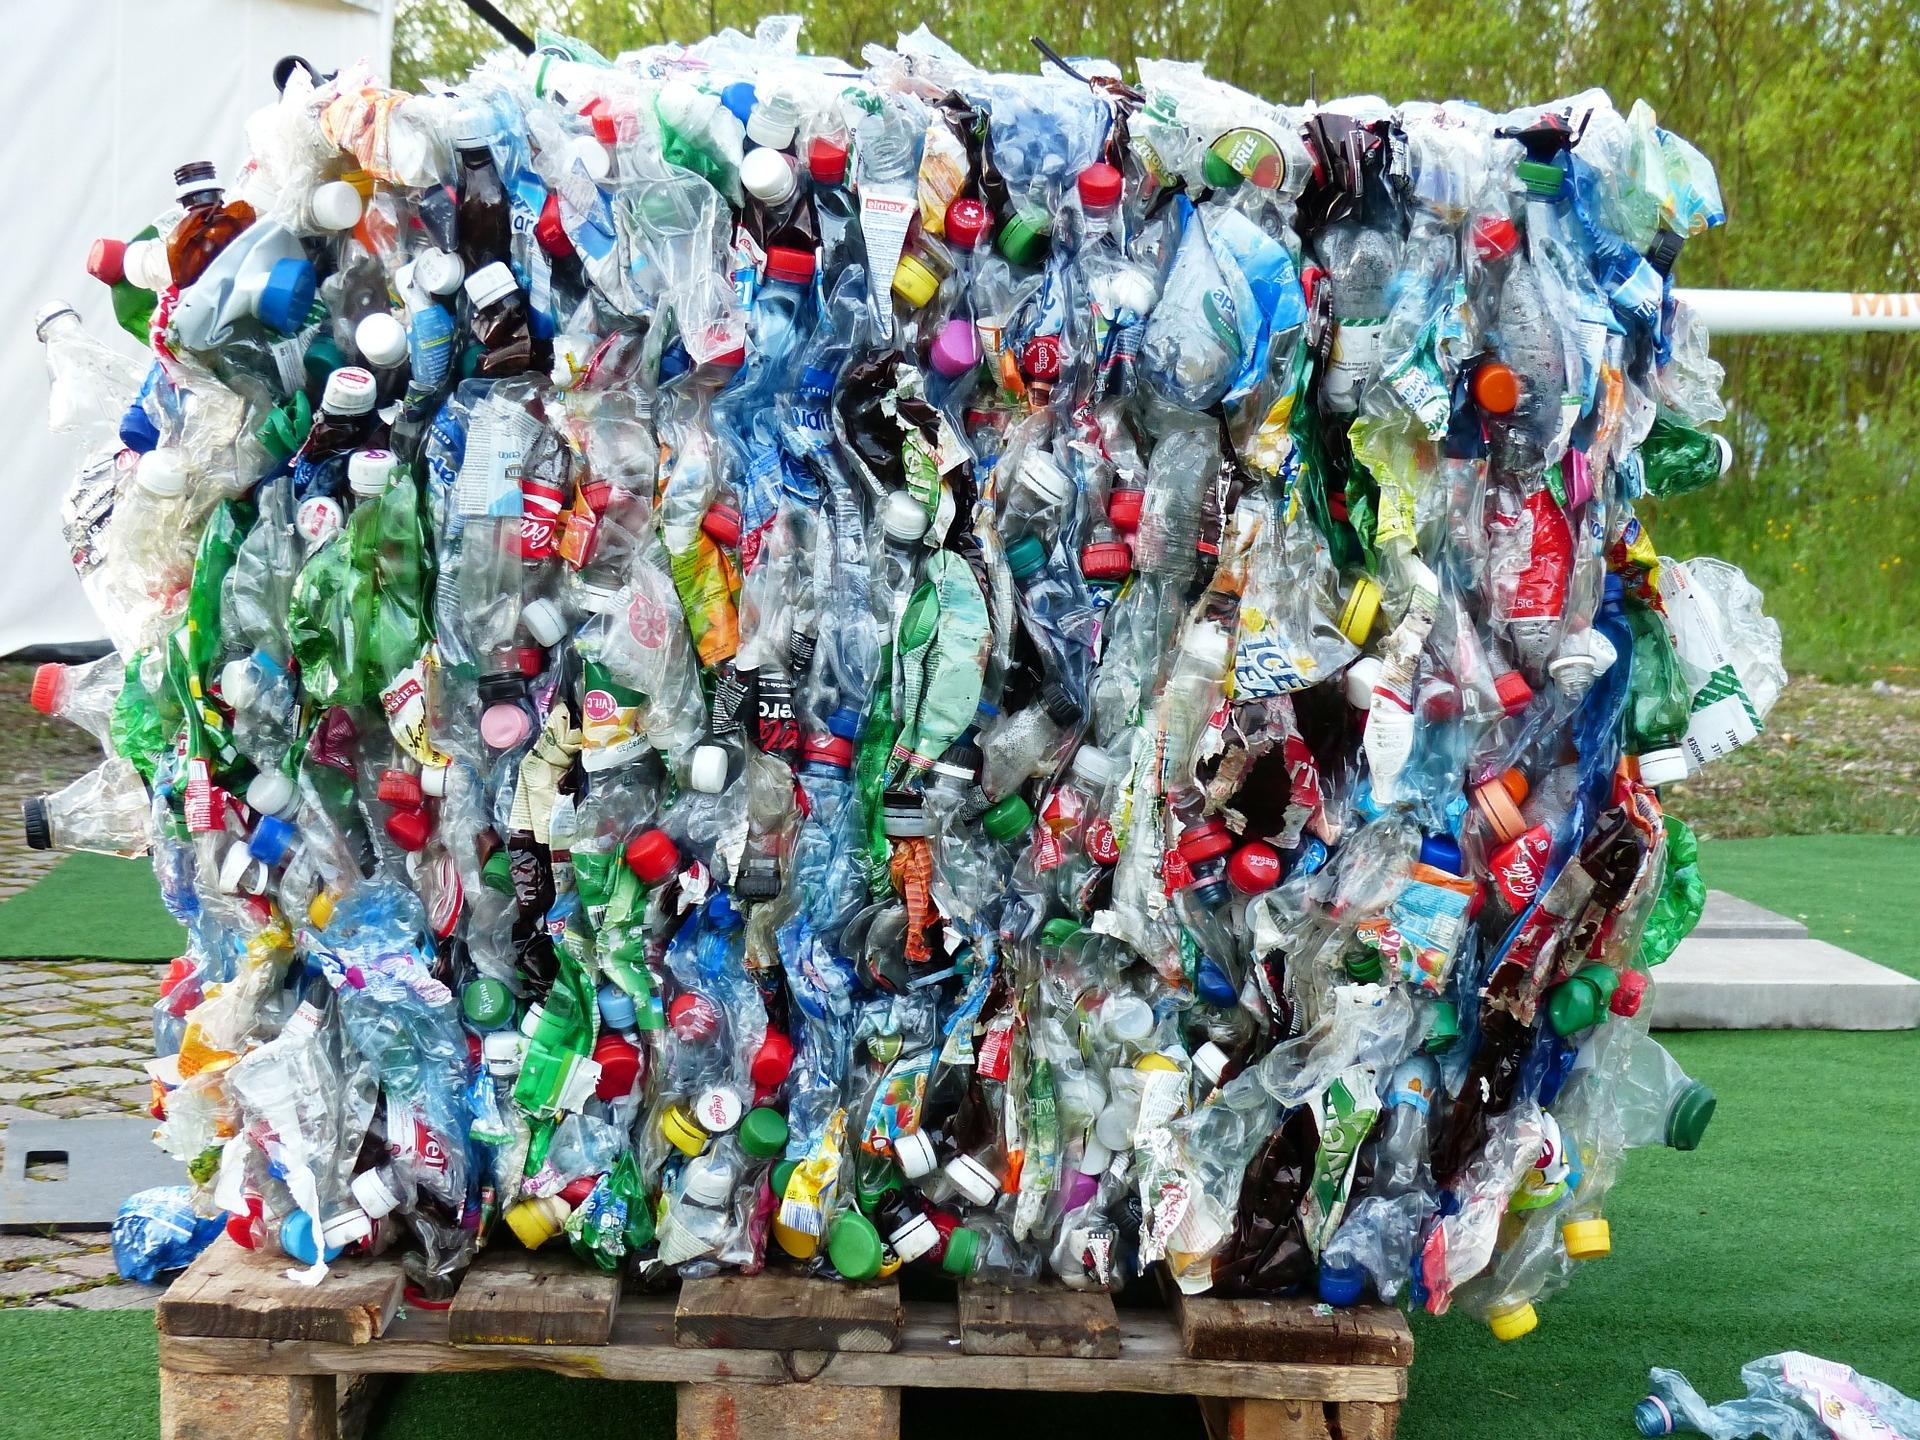 Keskkonnakomisjon arutab ehitus- ja lammutusjäätmete käitlemisega seotud probleeme